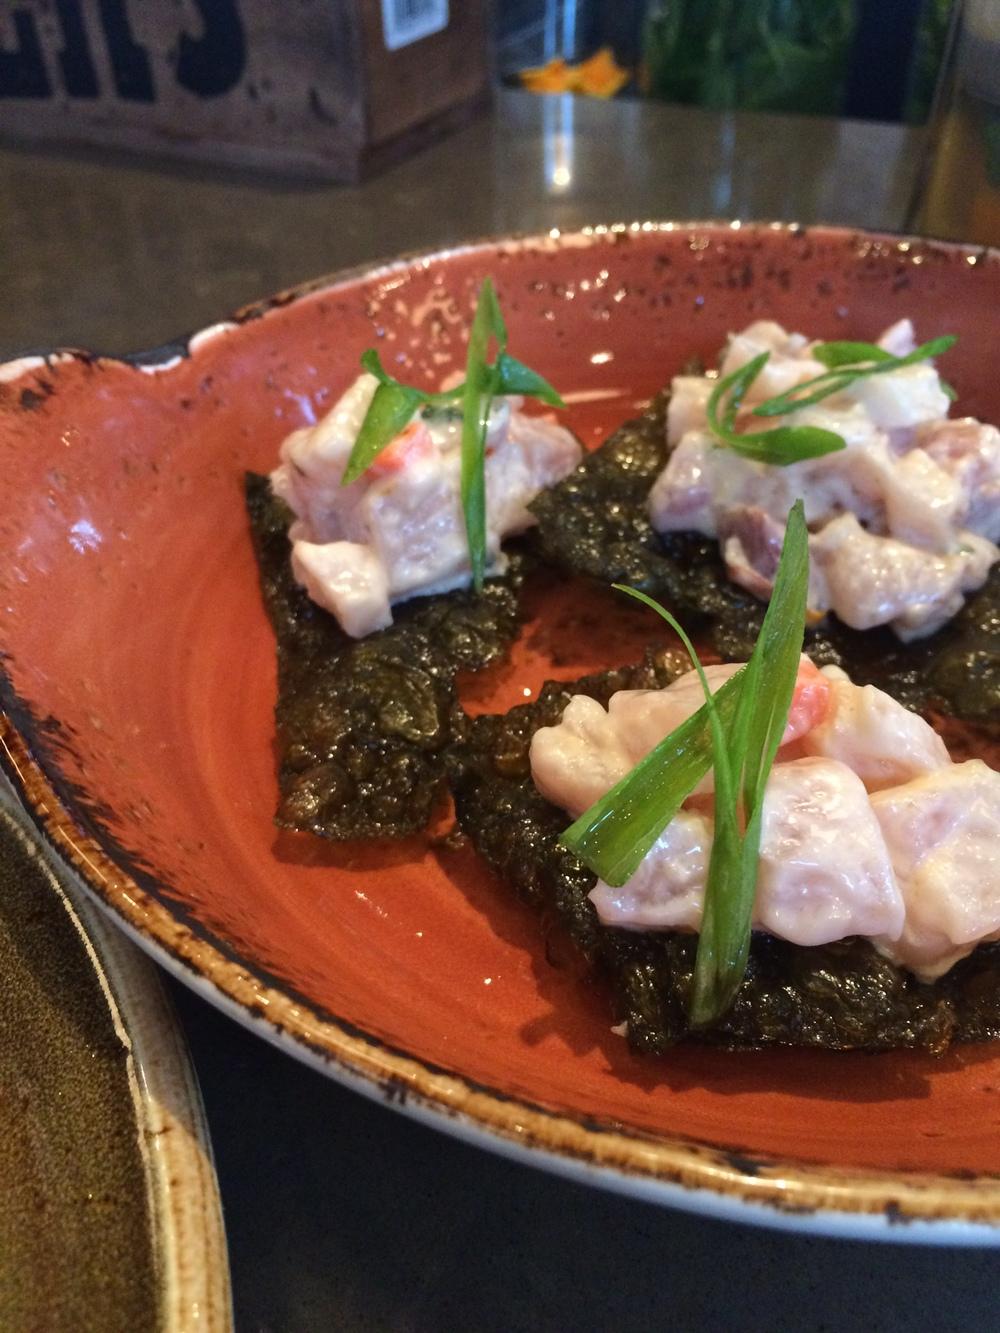 Hamachi tartare, pickled daikon remoulade, kombu crackers